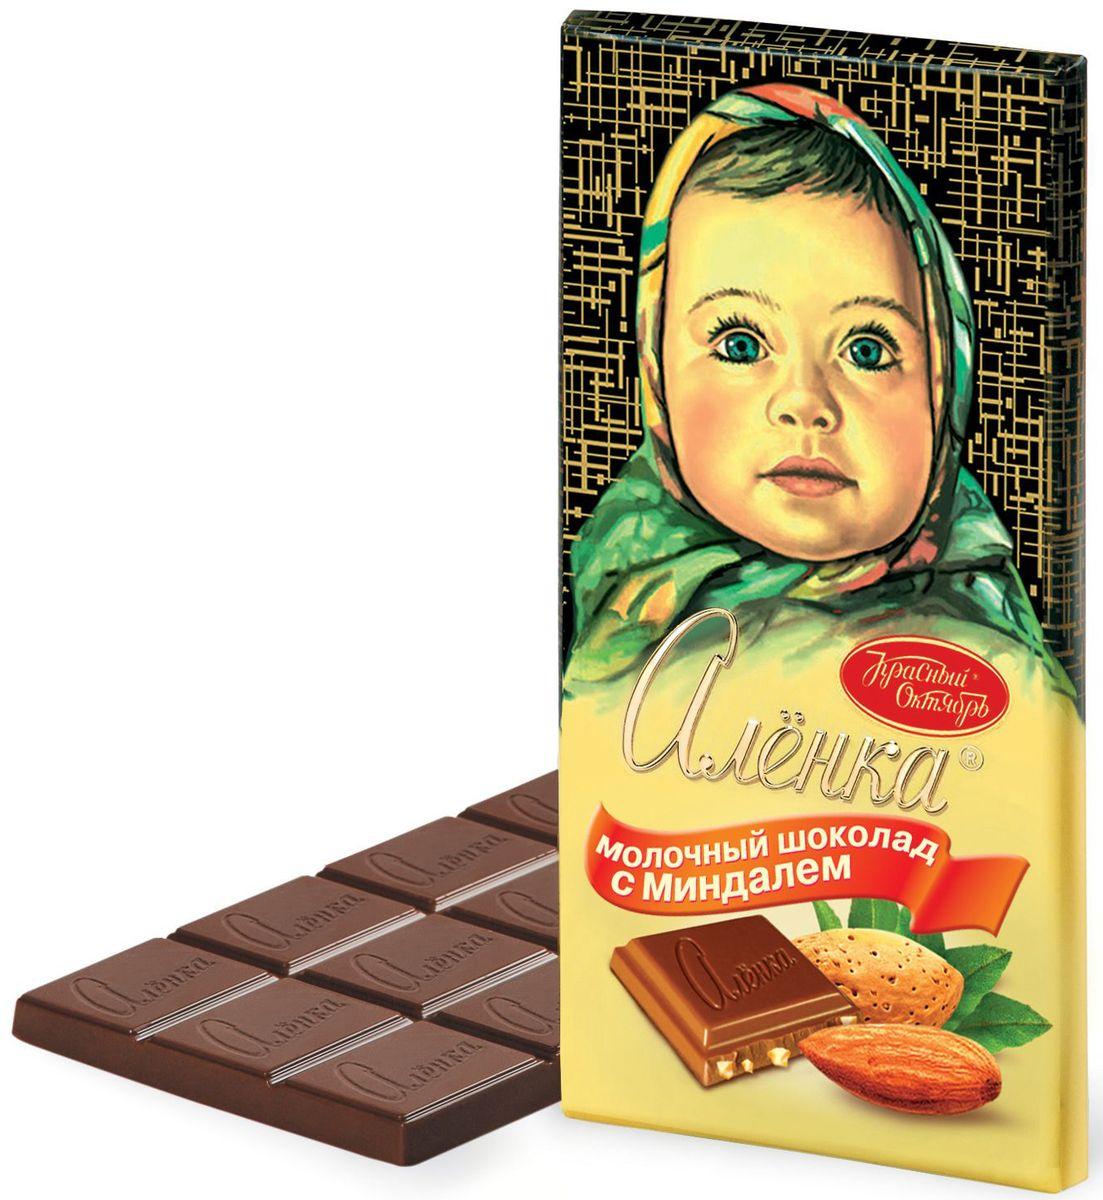 Красный Октябрь Аленка с миндалем молочный шоколад, 100 г4008817Знаменитый шоколад Алёнка выпускается кондитерской фабрикой Красный Октябрь.